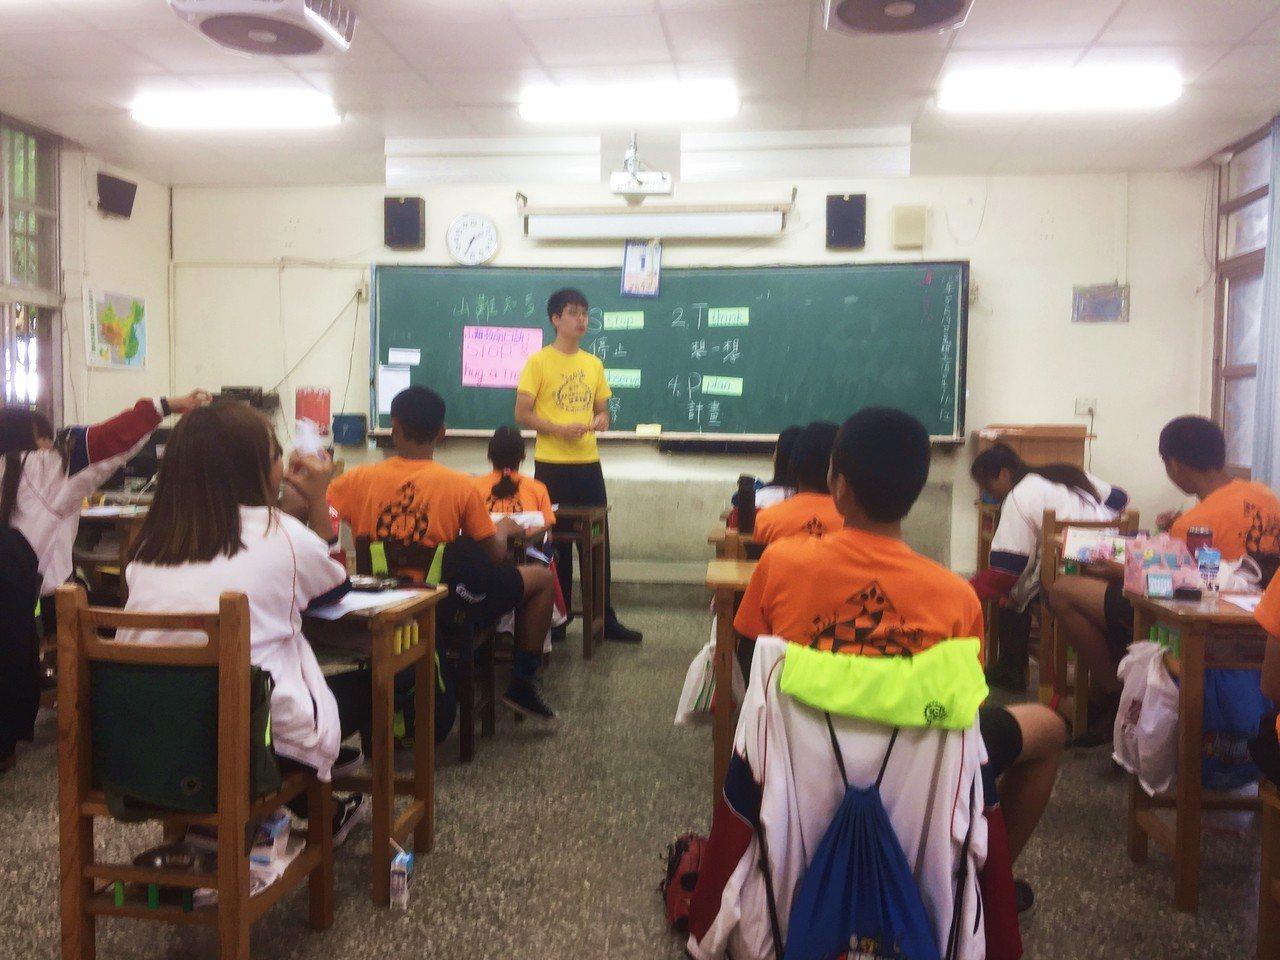 台東縣近年南迴地區因受極端氣候影響,屢創高溫,包括賓茂國中在內的學生,暑期課輔得...